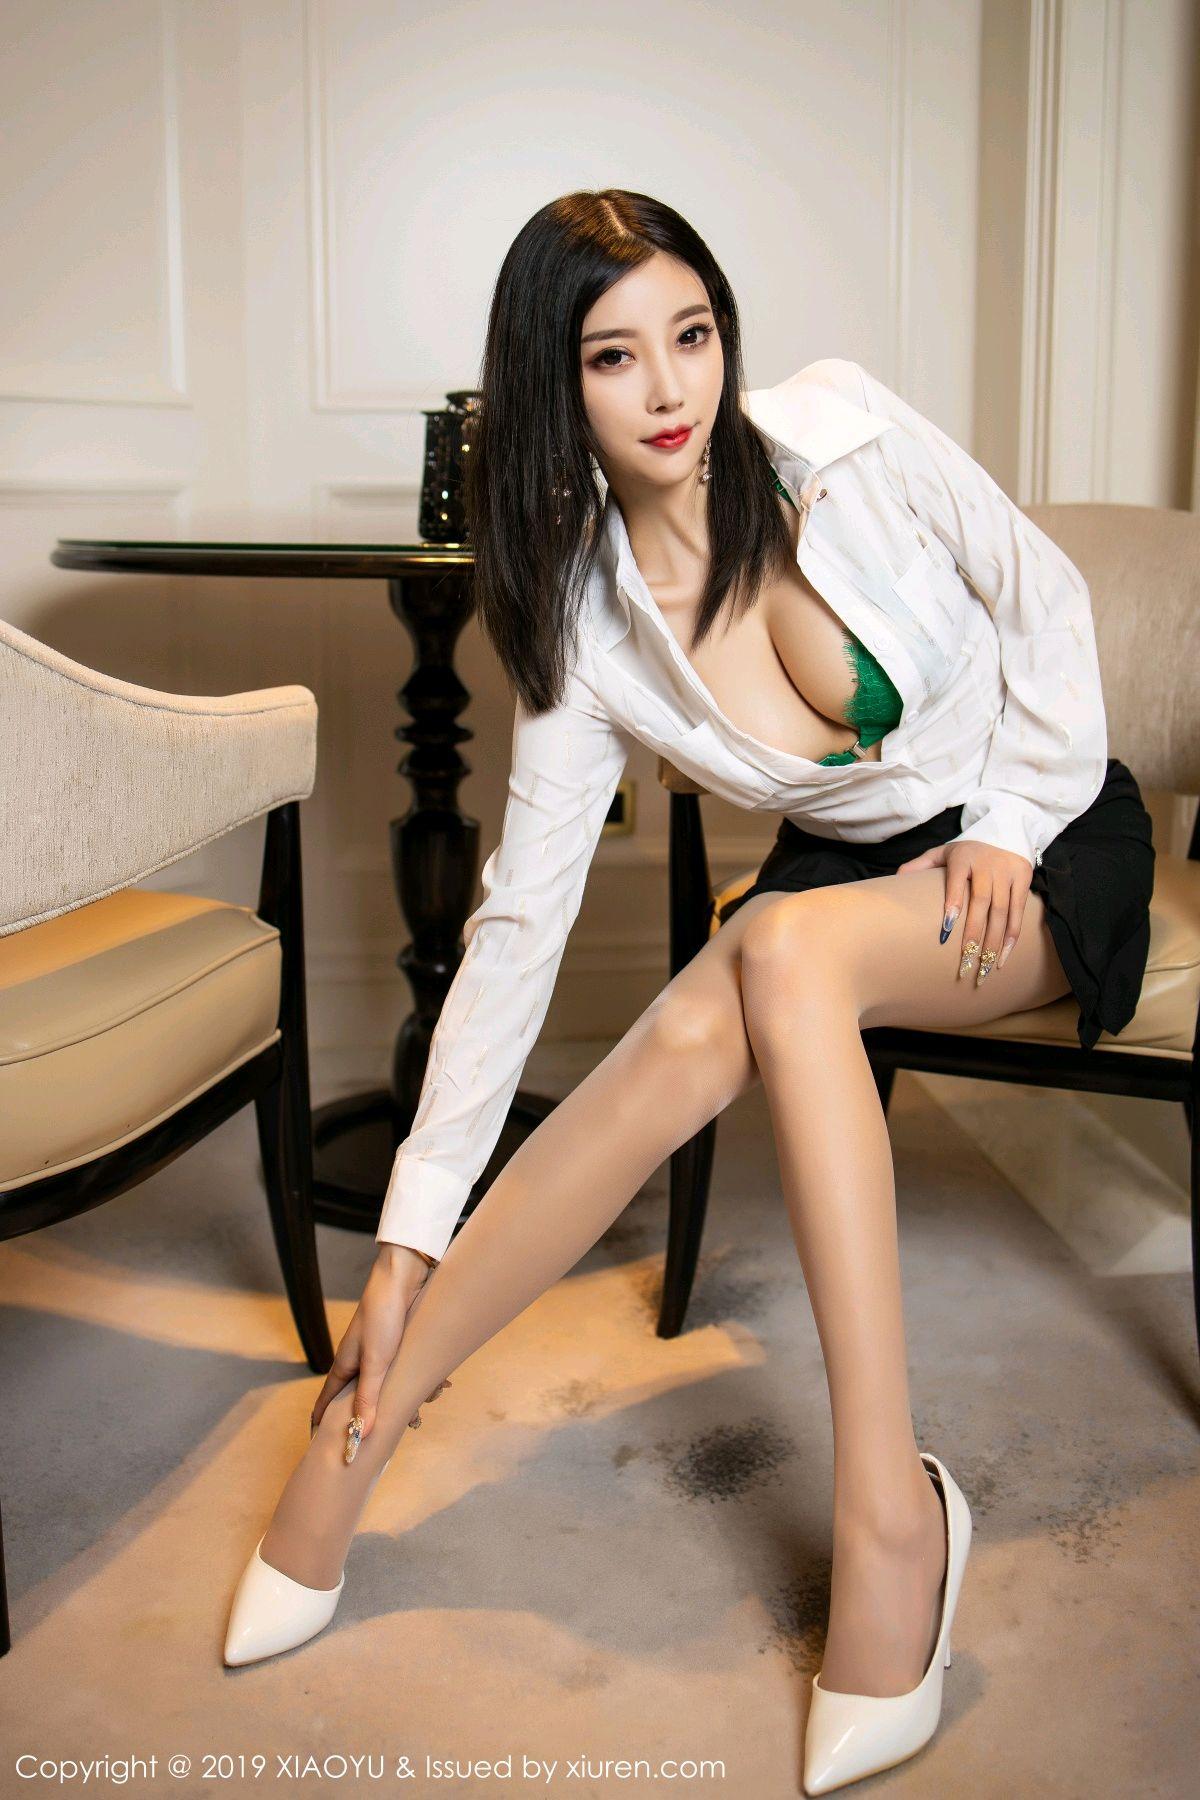 [XiaoYu] Vol.224 Yang Chen Chen 21P, Tall, Underwear, XiaoYu, Yang Chen Chen